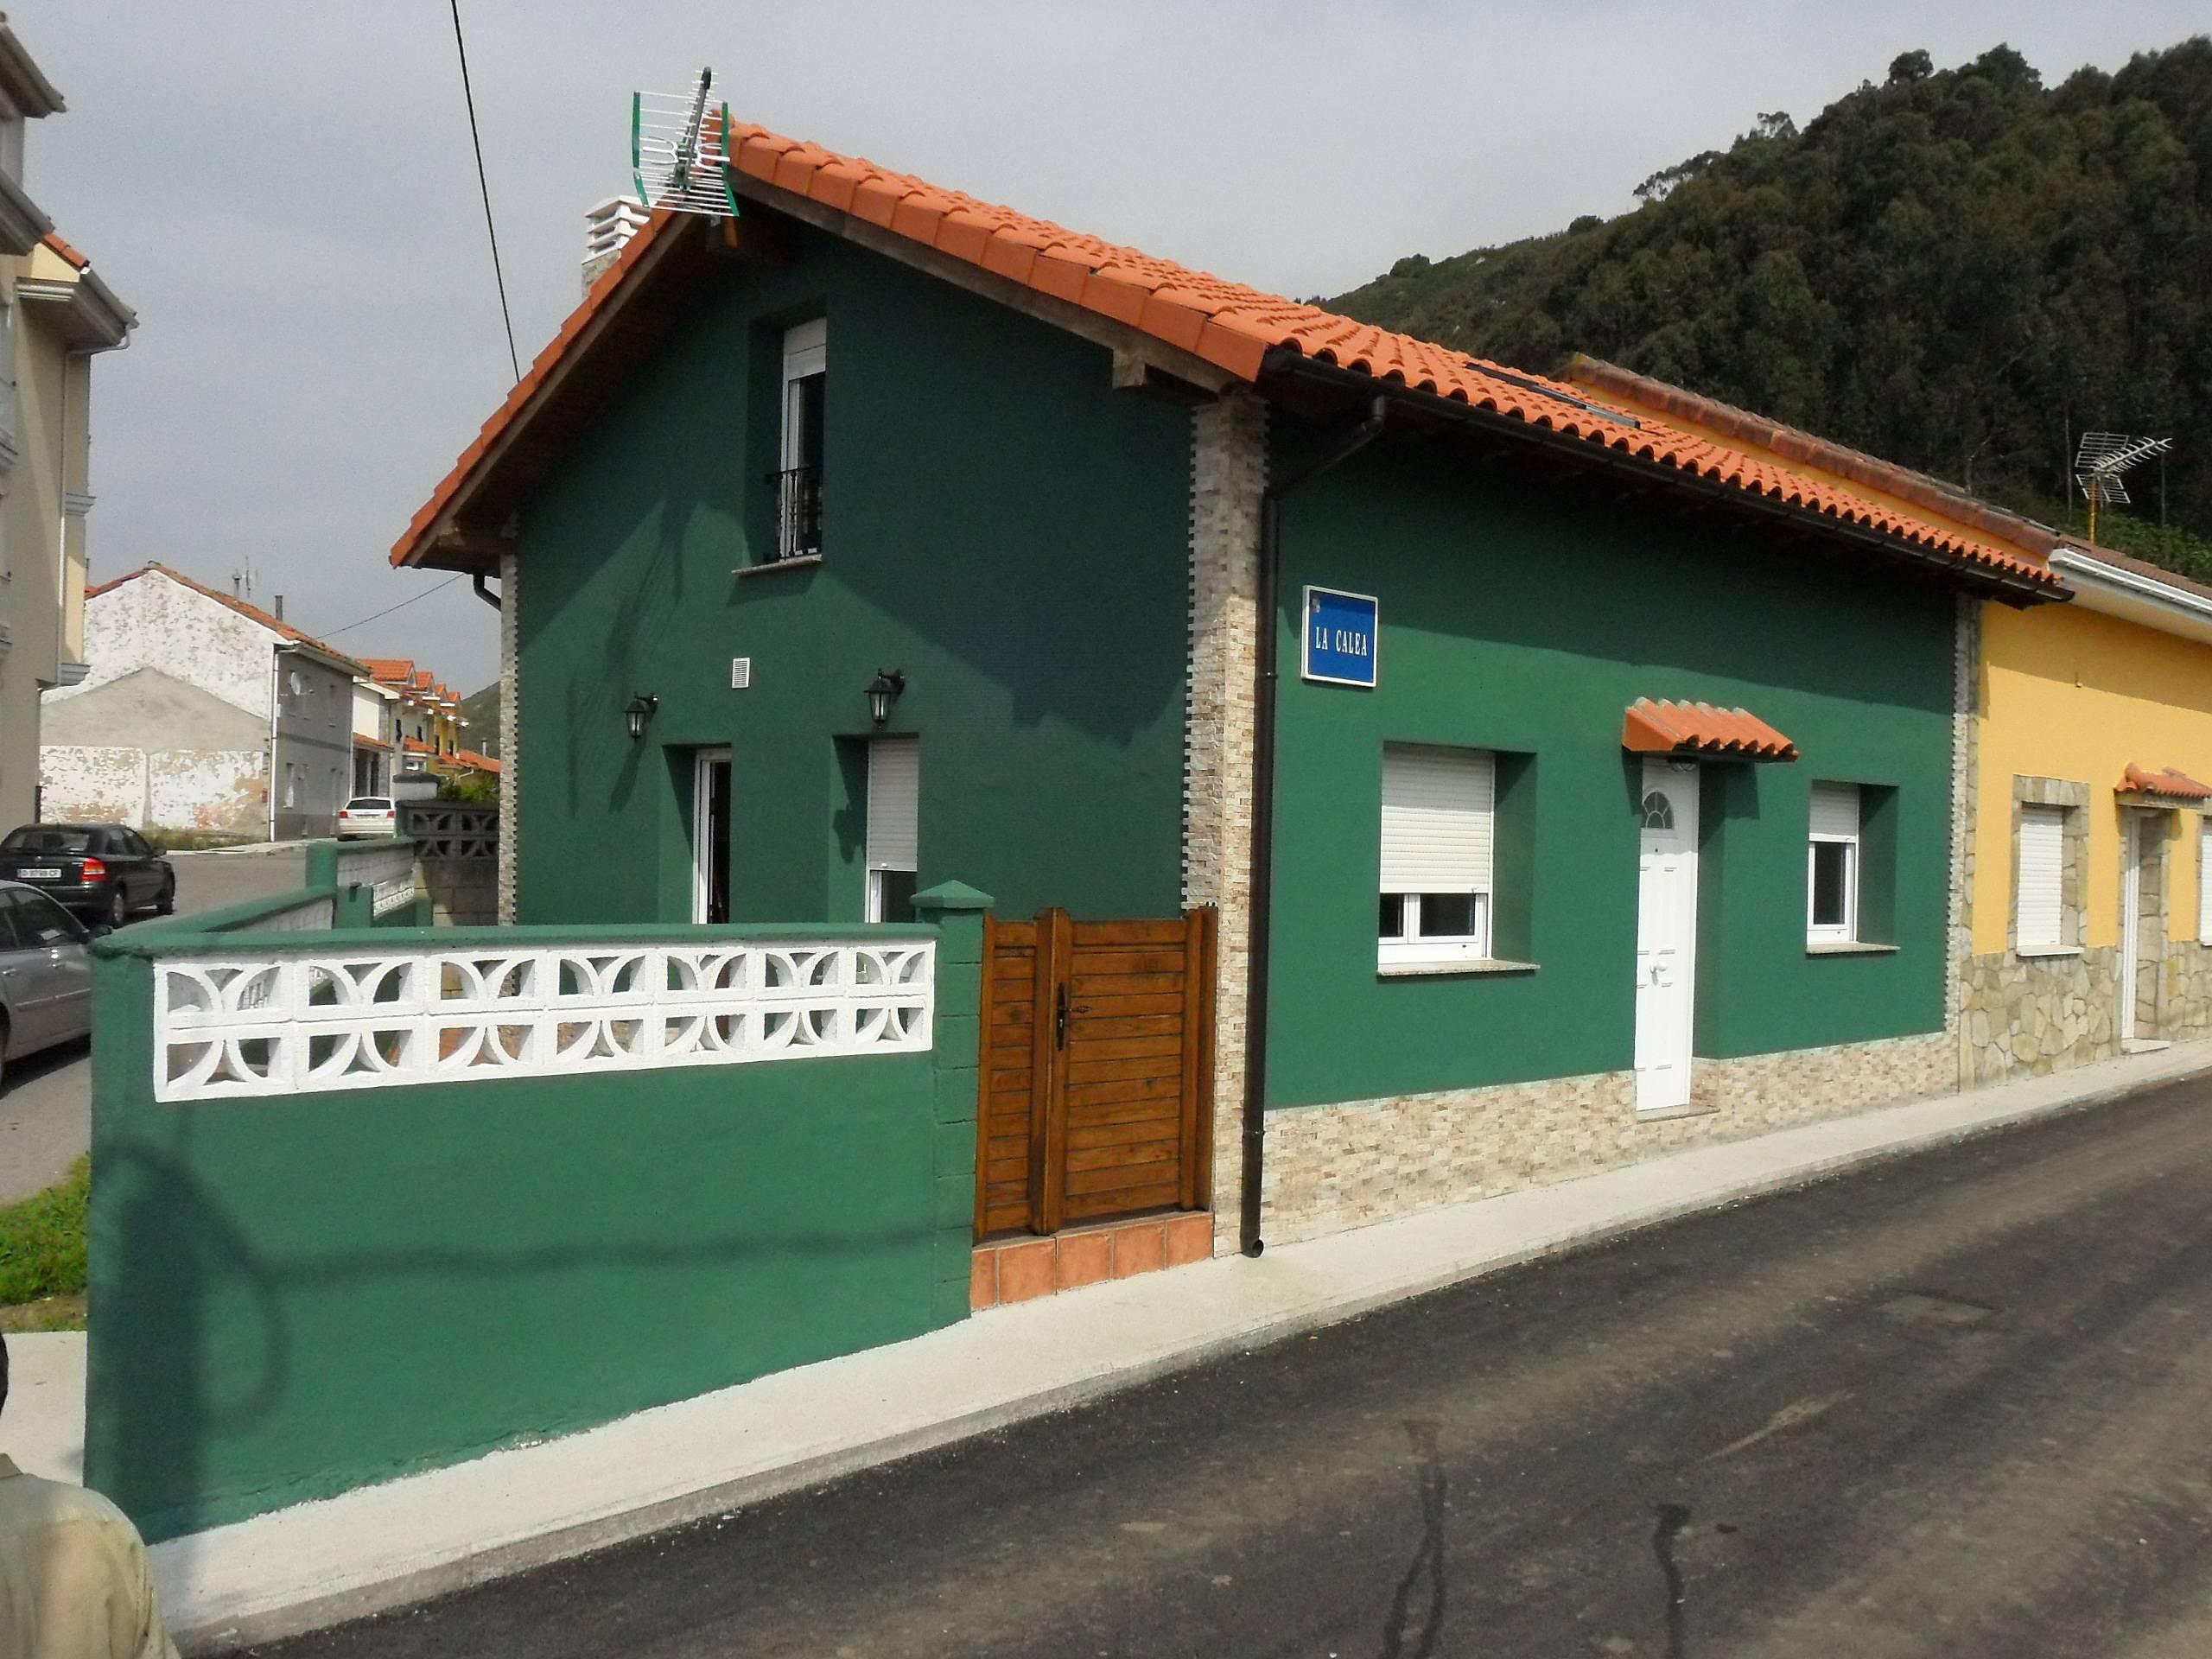 Casa con encanto san juan de la arena soto del barco asturias - Casas con encanto asturias ...